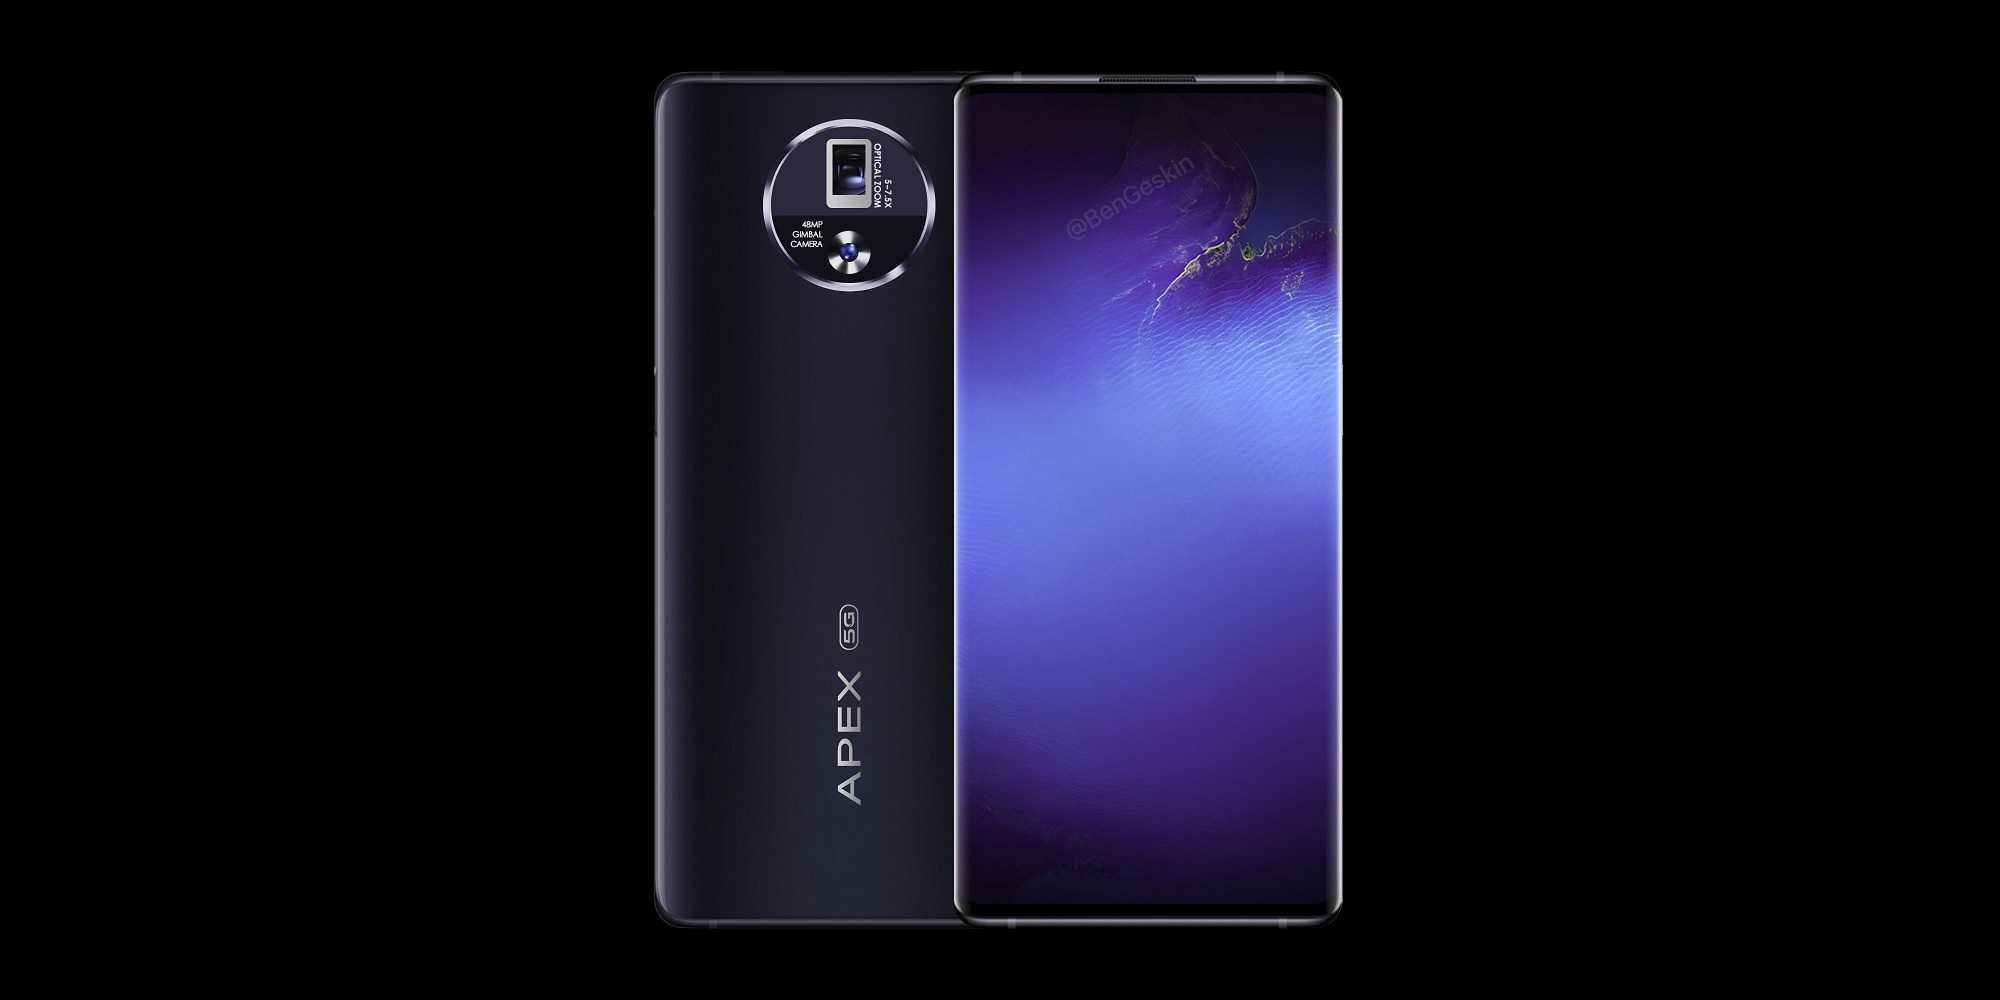 Представили торговой марки Vivo анонсировали новый смартфон средней ценовой категории который пополнил линейку X50 Новинка будет стоить около 480 долларов в штатах